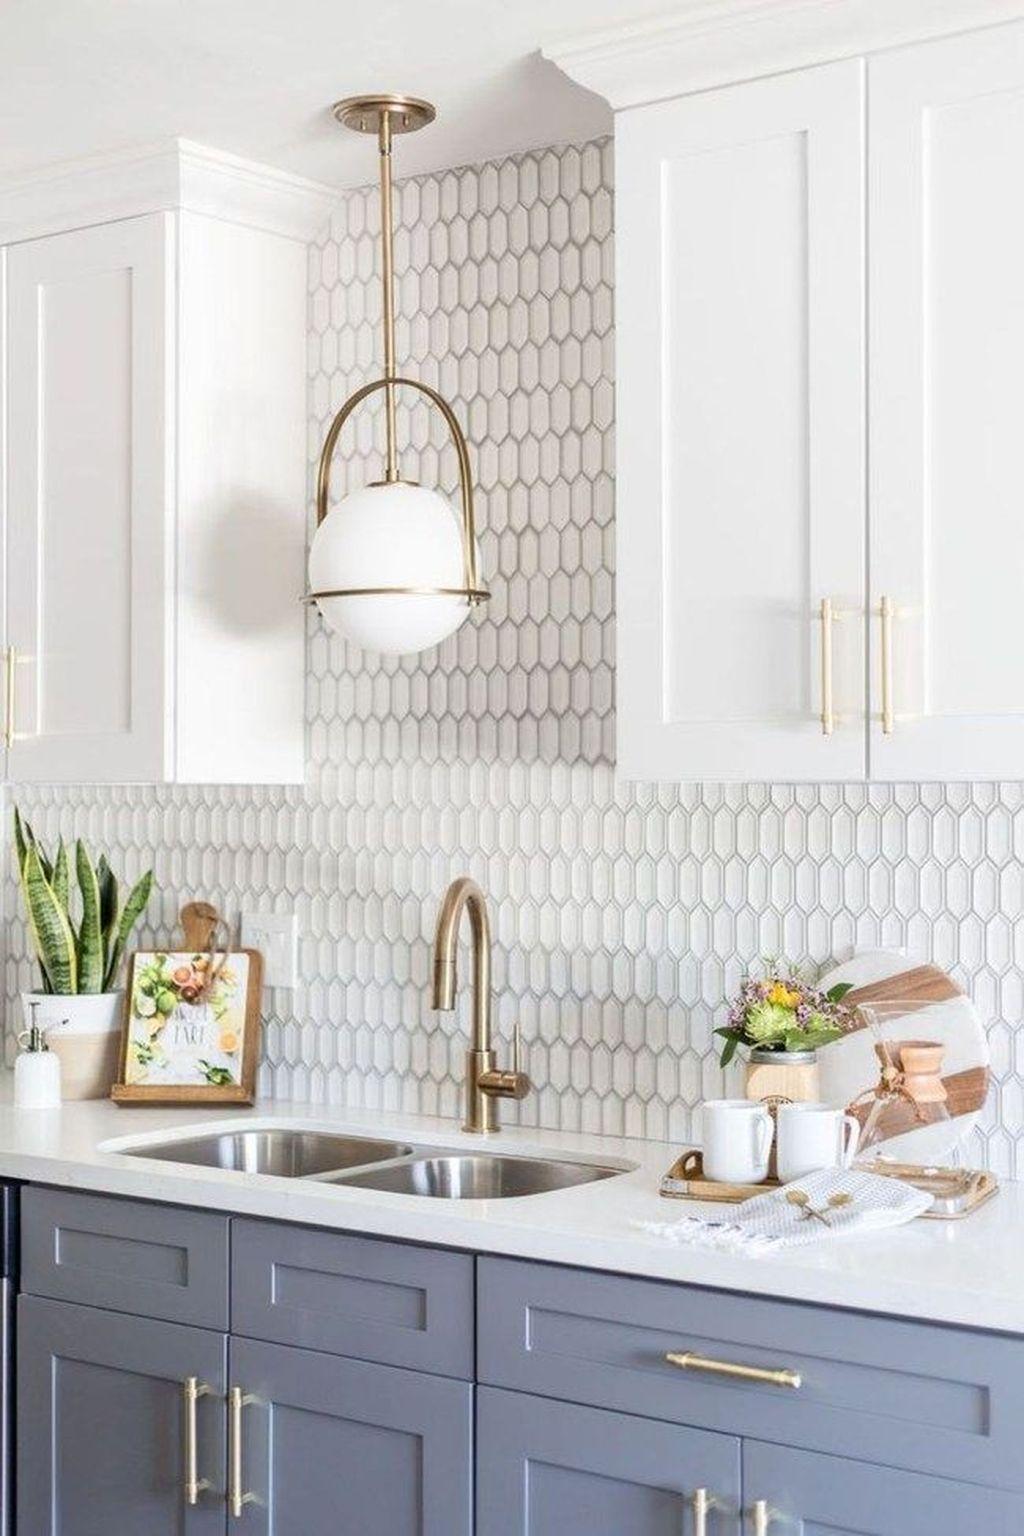 - 31 Popular Kitchen Backsplash Design Ideas Will Be Trend 2020 In